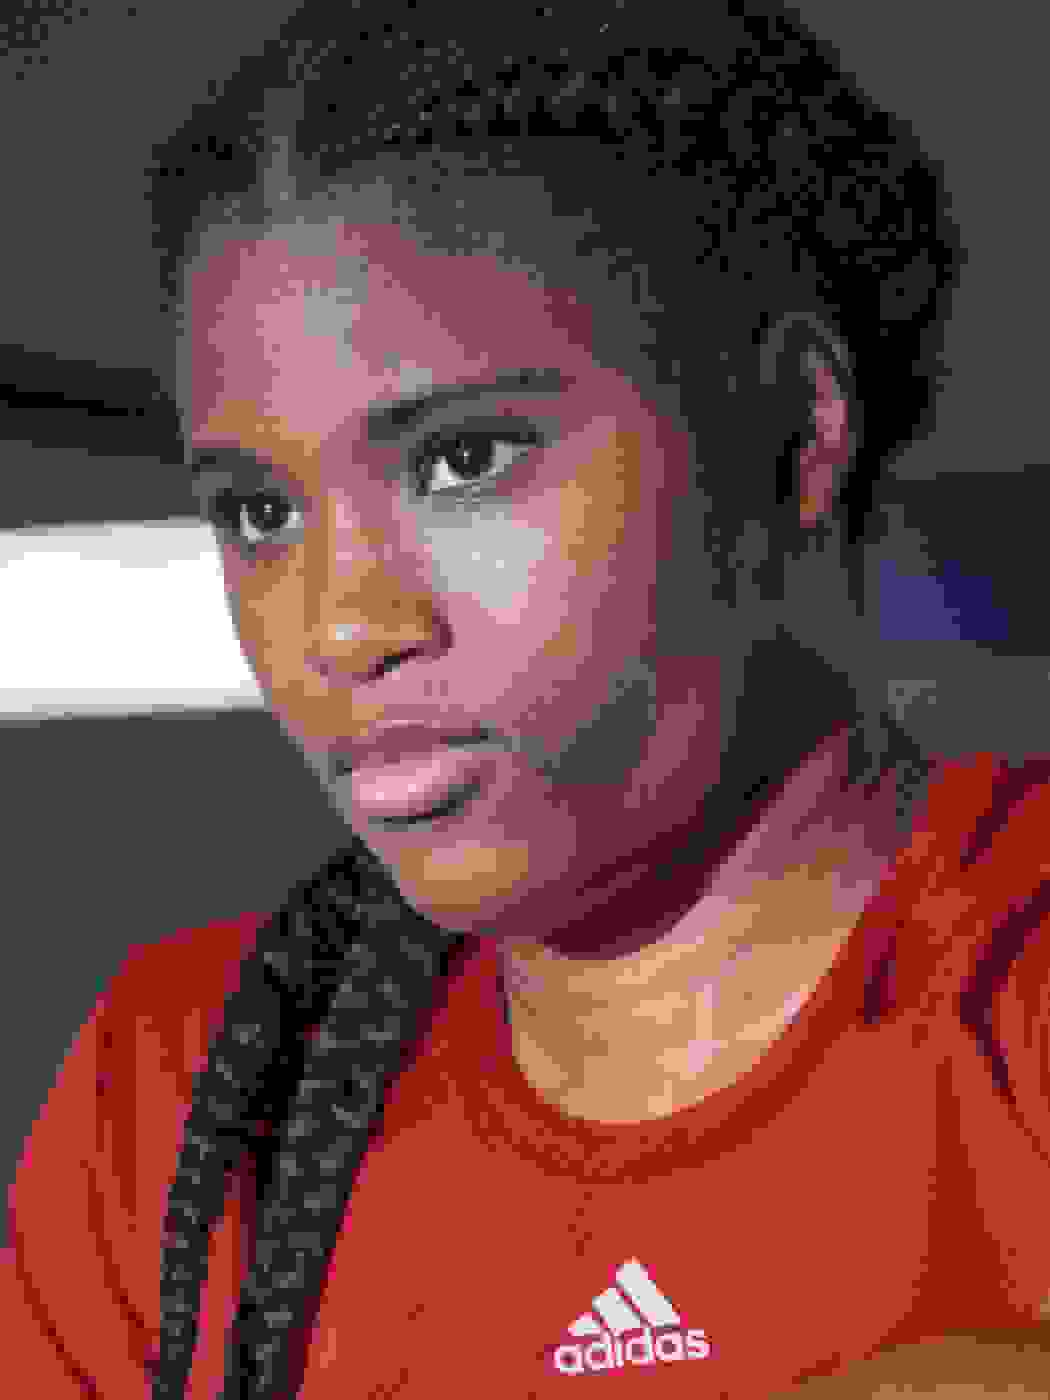 An image showing a portrait of Caroline Dubois